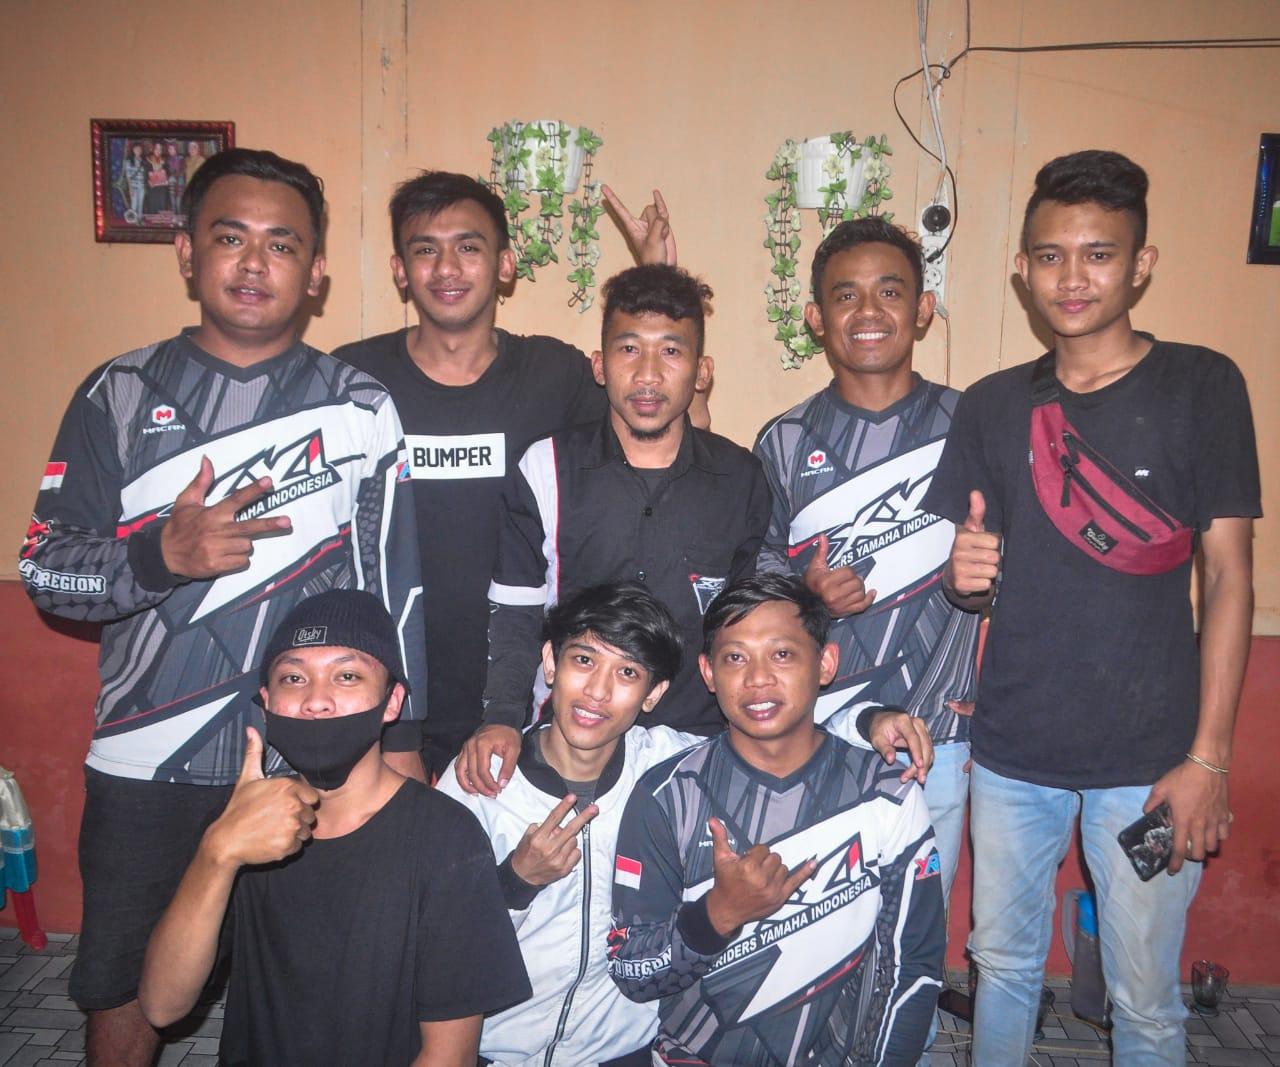 X-Riders Yamaha Indonesia (XYI) Limboto Adakan Musyawarah Region ke-2